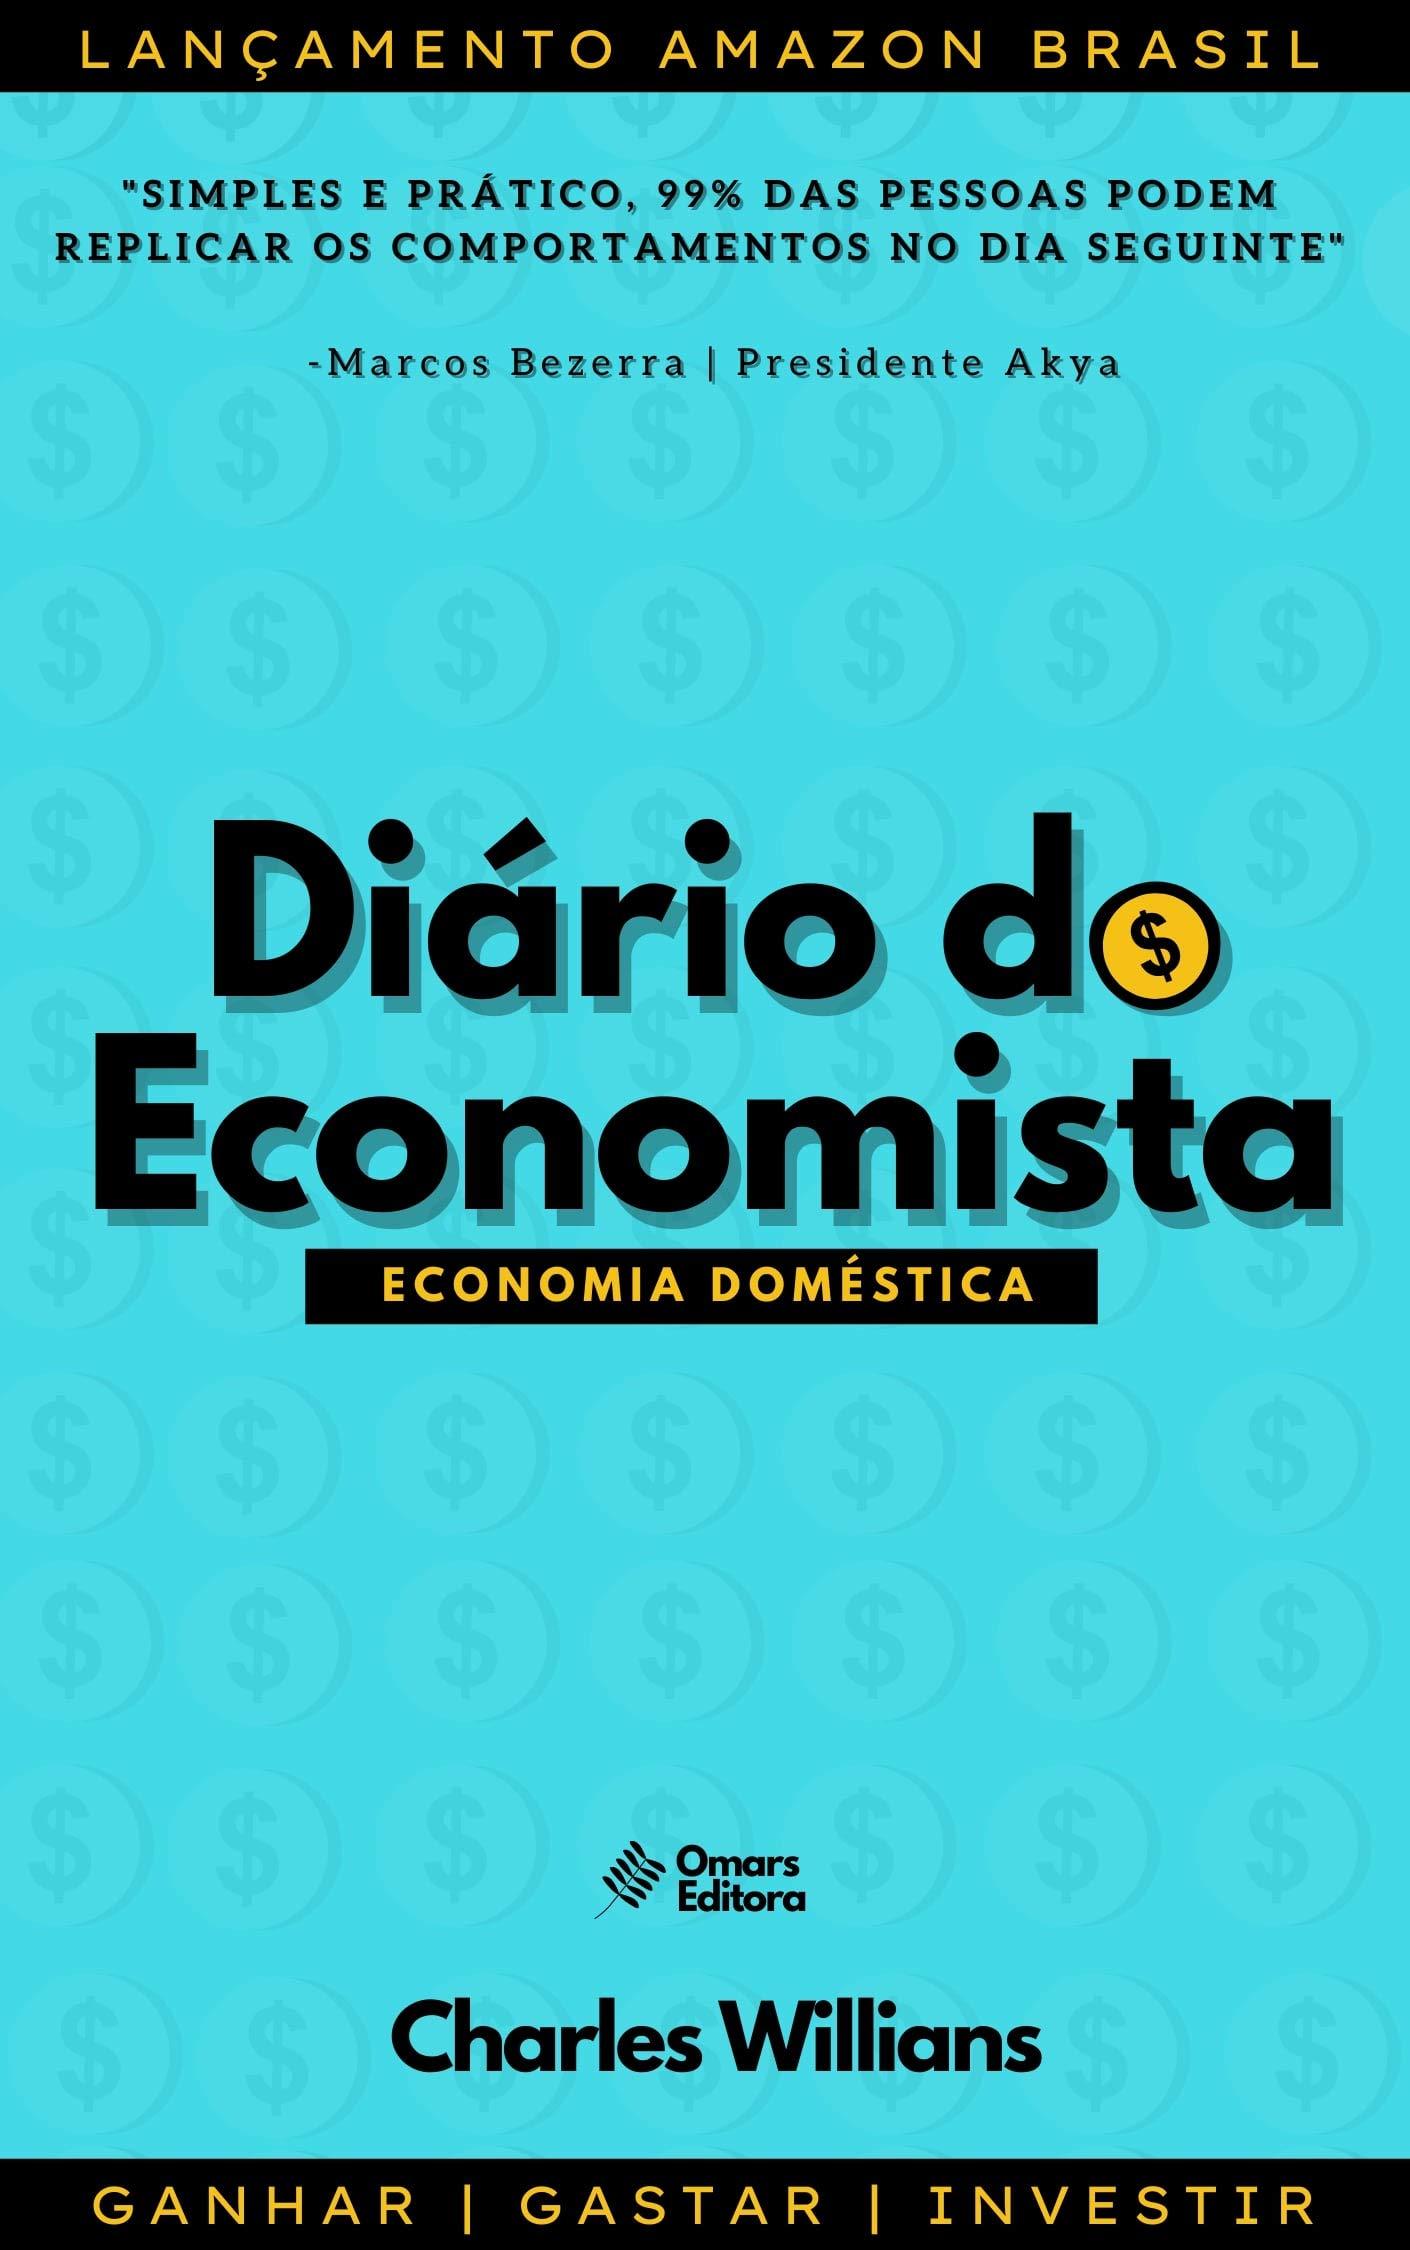 Diário do Economista: Finanças pessoais nada convencionais (Portuguese Edition)